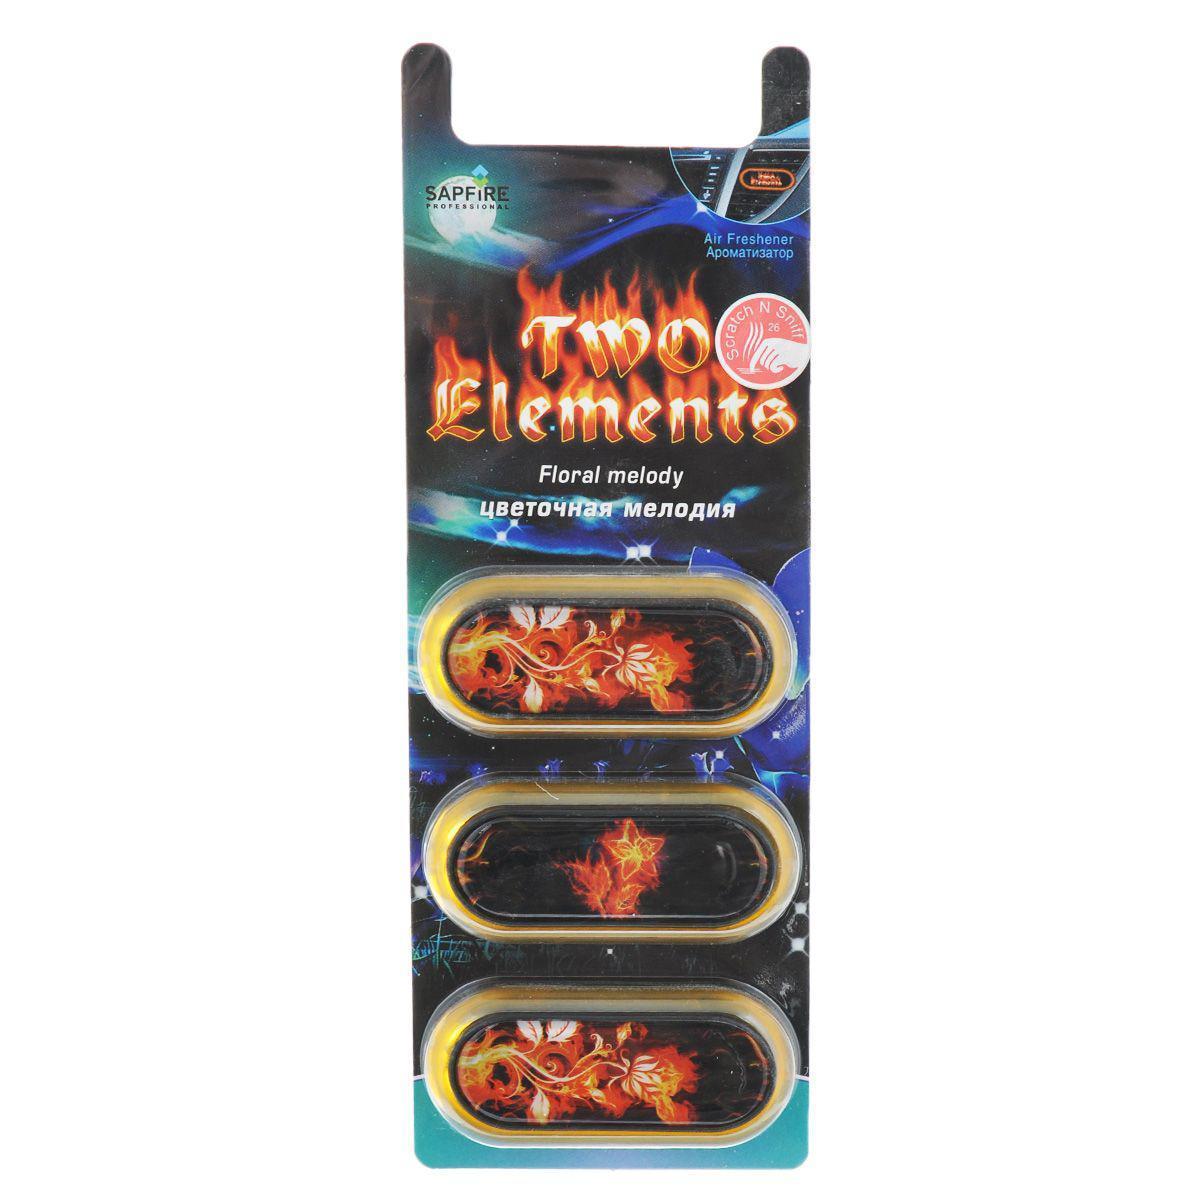 Ароматизатор для салона автомобиля Sapfire Two Elements, цветочная мелодия, 3 штSAA-07931Мембранный ароматизатор для салона автомобиля Sapfire Two Elements имеет приятный цветочный аромат. Ароматизатор, выполненный из пластика, предназначен для автомобиля, а также для небольших помещений. Two Elements - новое поколение концентрированных ароматизаторов Сапфир. Парфюмерная композиция произведена во Франции. Обеспечивает стойкий насыщенный аромат и свежий запах. Состав: пластик, парфюмерная композиция. Размер ароматизатора: 5,8 см х 2,5 см х 0,8 см. Количество: 3 шт.